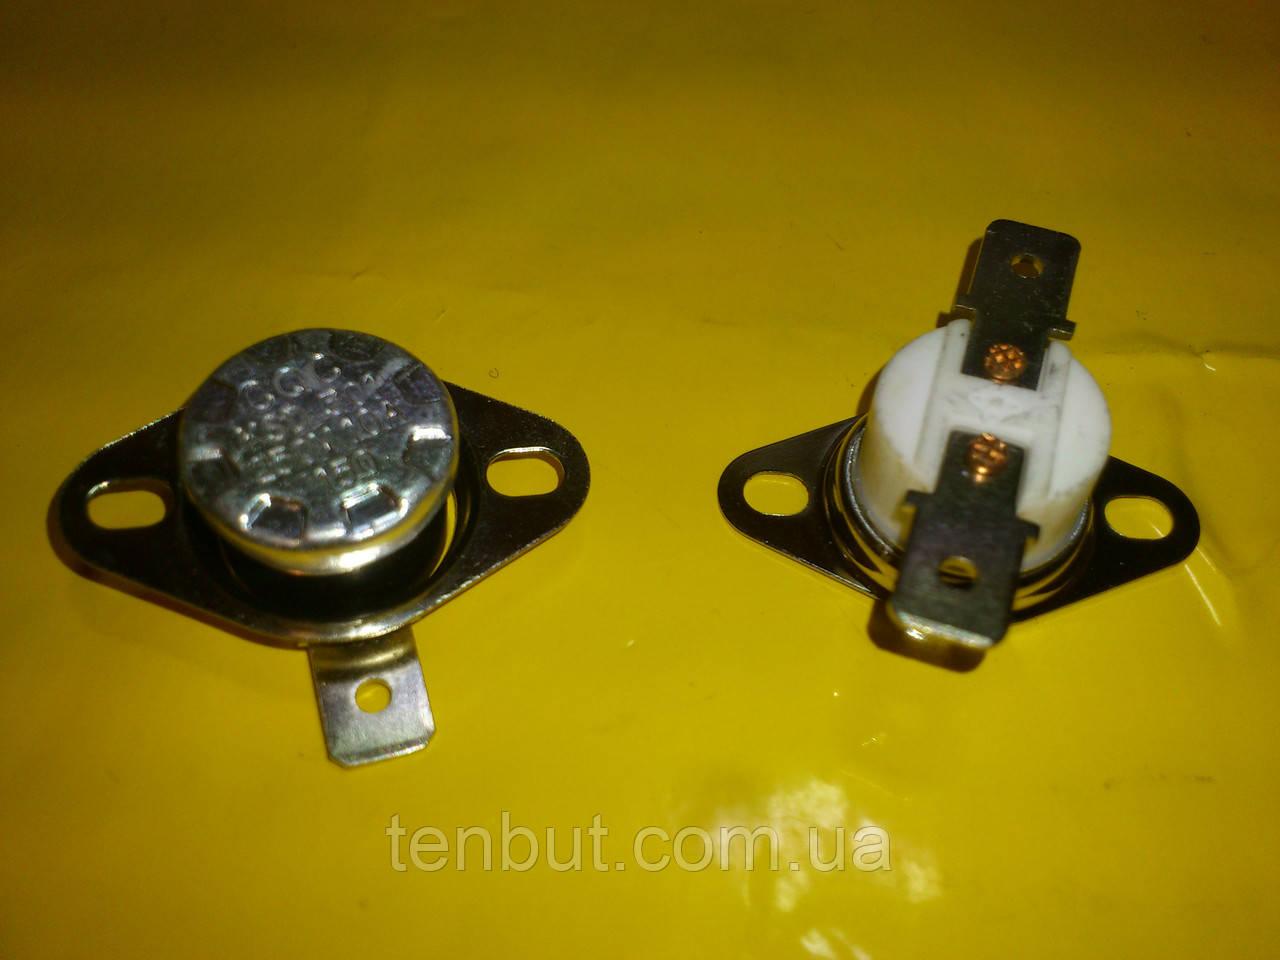 Реостат авто включения-выключения KSD 301 / 150℃ / 250 в. / 10 А / 17 мм. диаметр . Нормально замкнут .